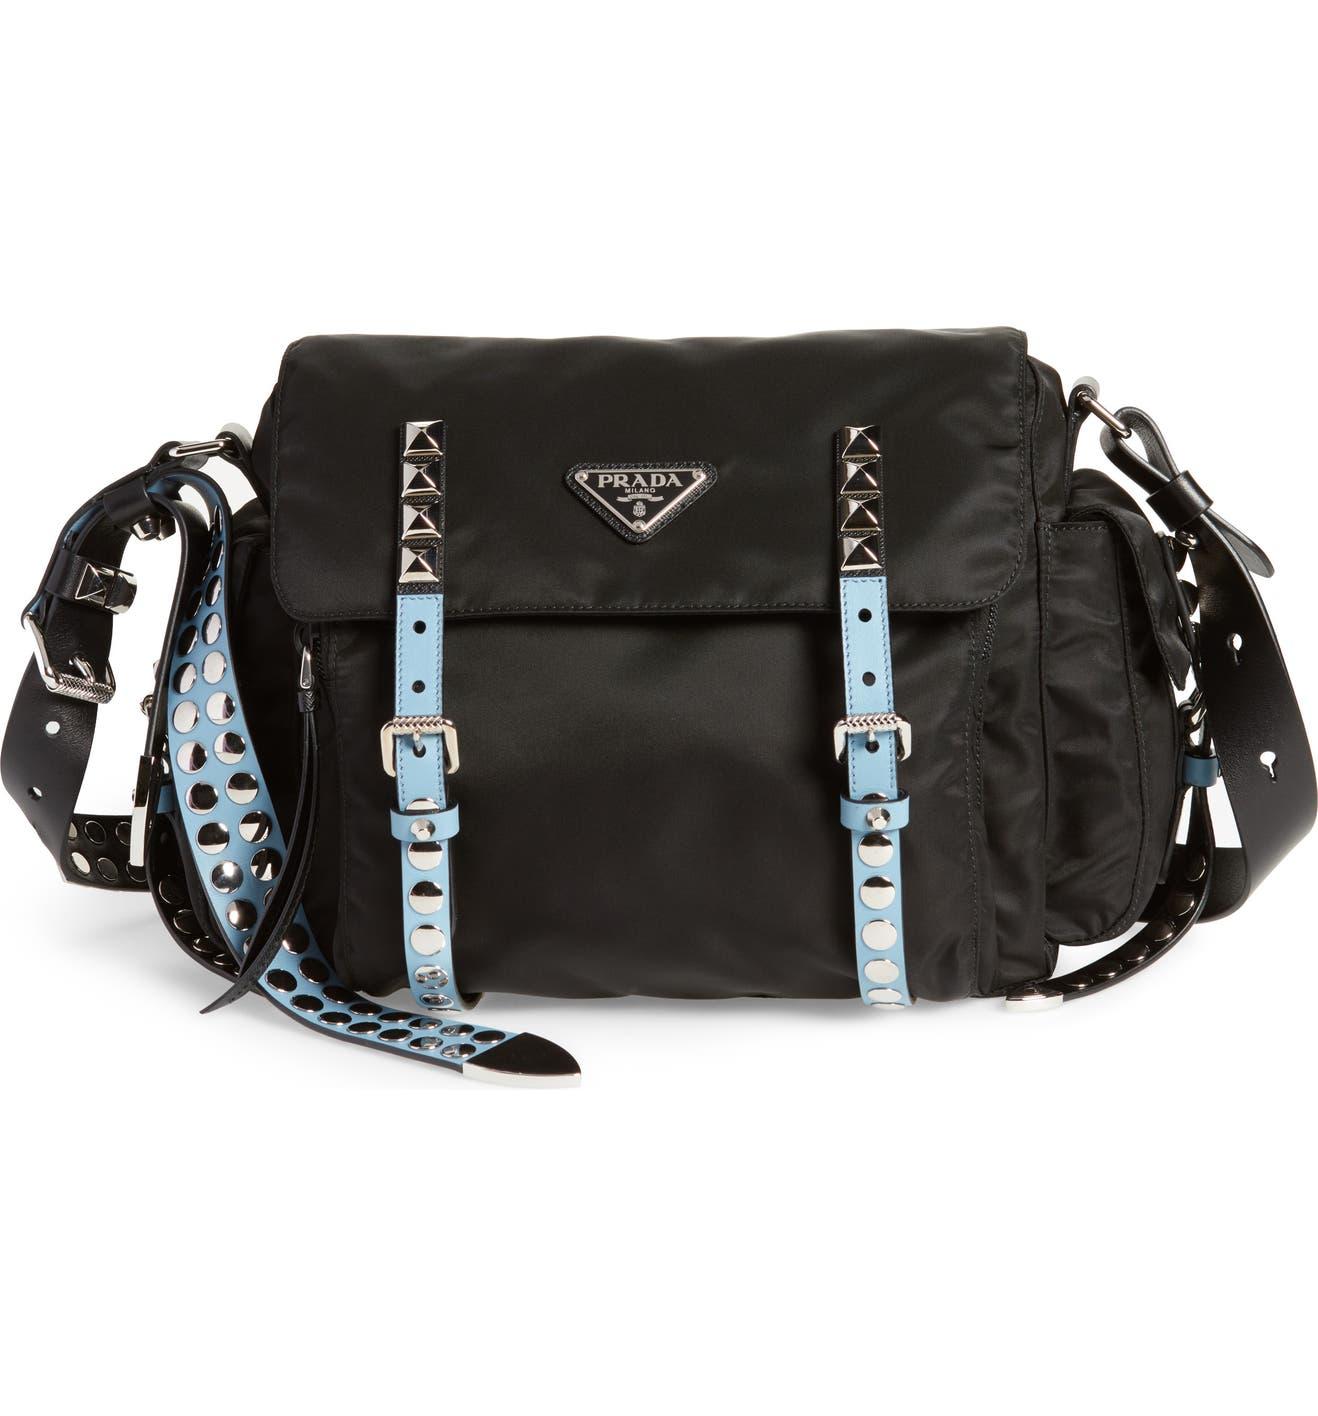 21b01e5e9bbf6e Prada Studded Nylon Messenger Bag | Nordstrom